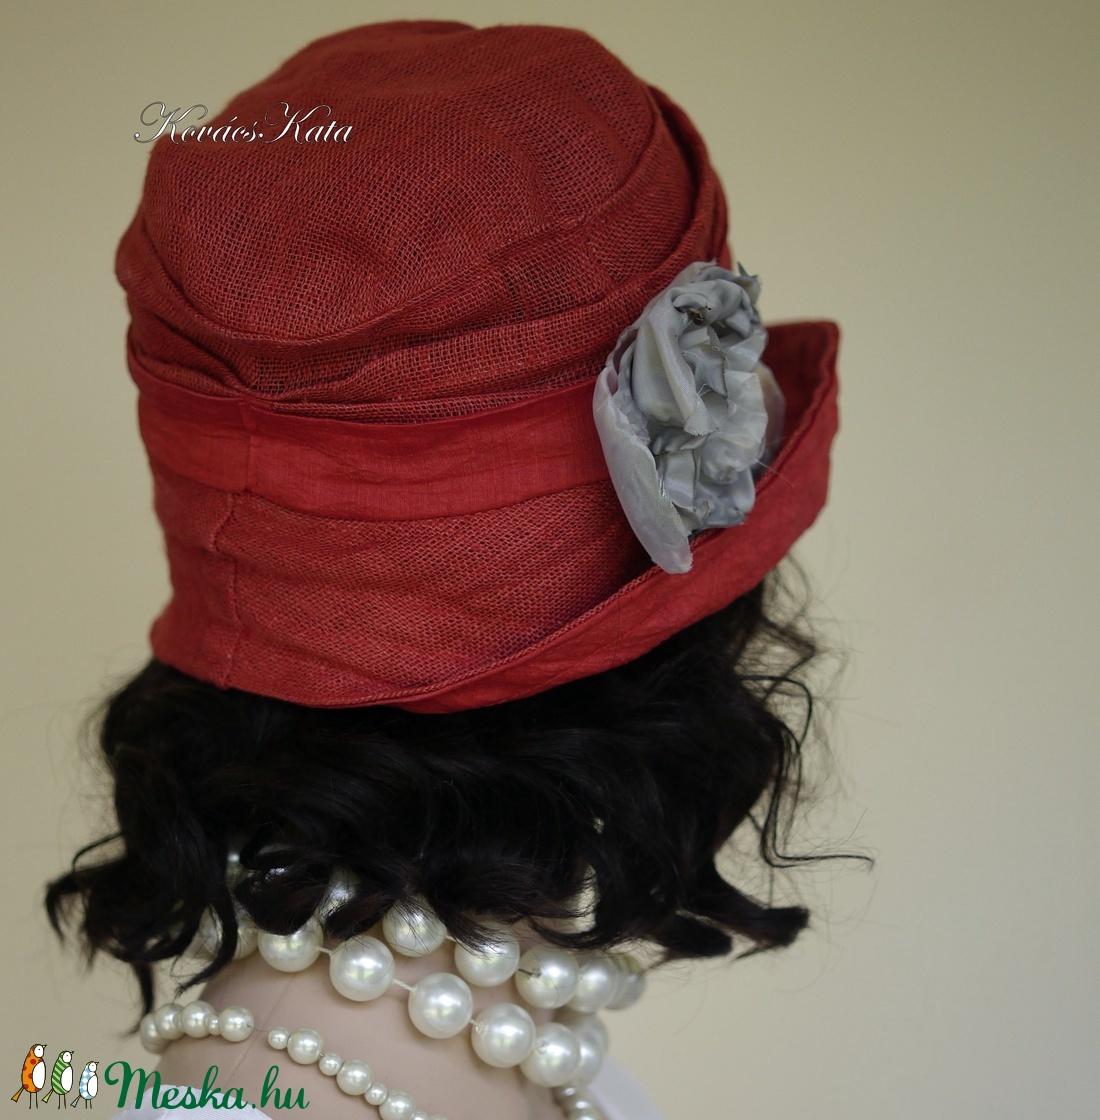 RÓZA - lenvászon design kalap S  - ruha & divat - sál, sapka, kendő - kalap - Meska.hu